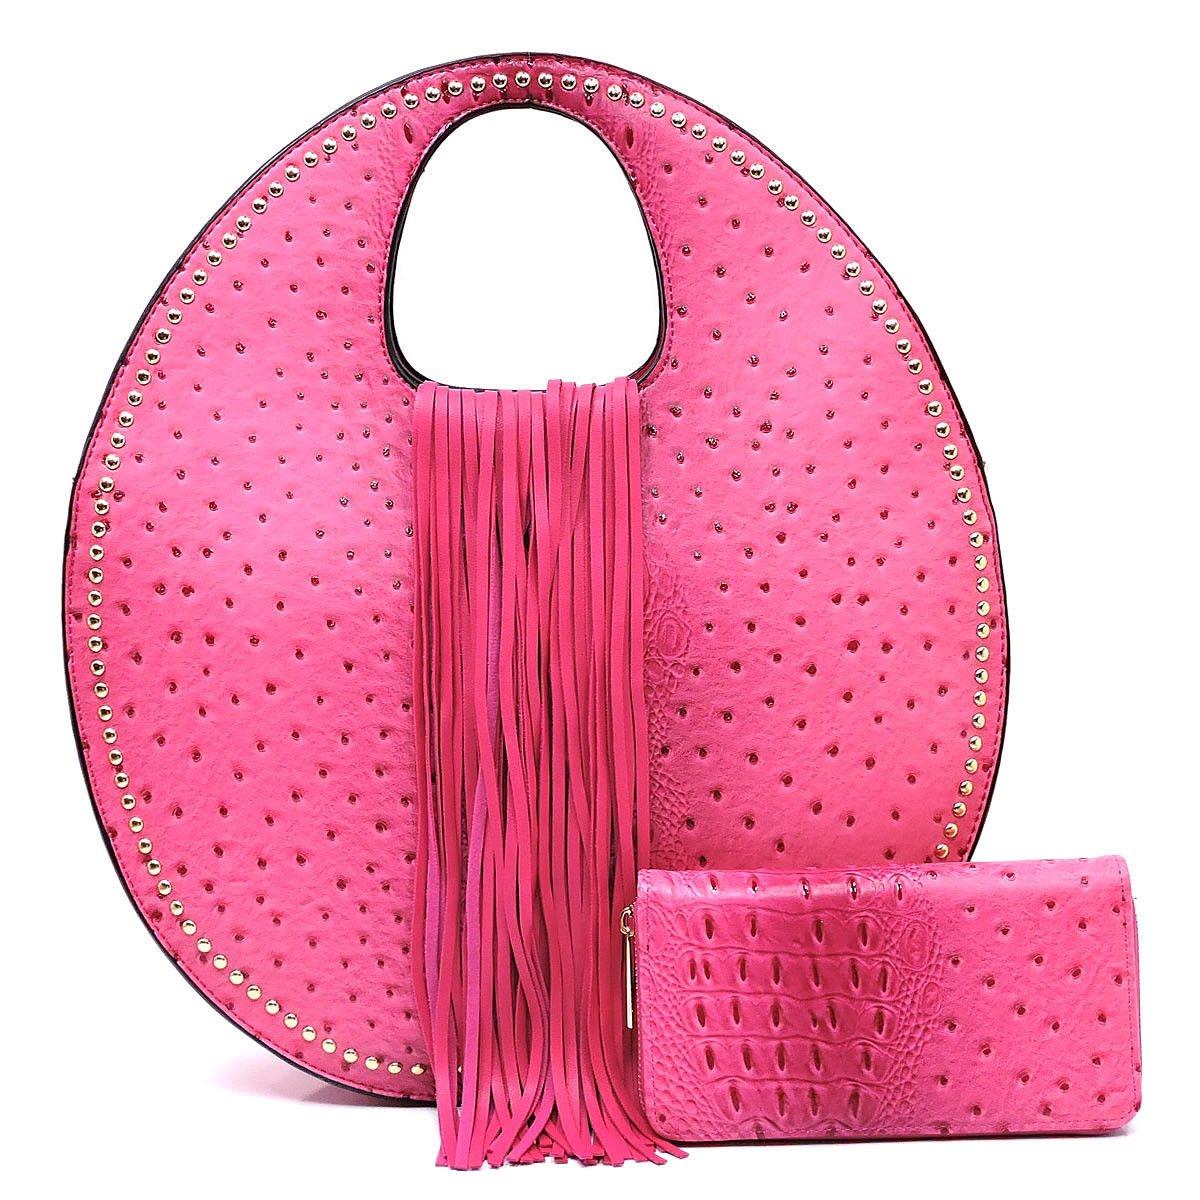 Handbag Republic Ostrich Embossed Round Satchel w Strap + Wallet Cherry